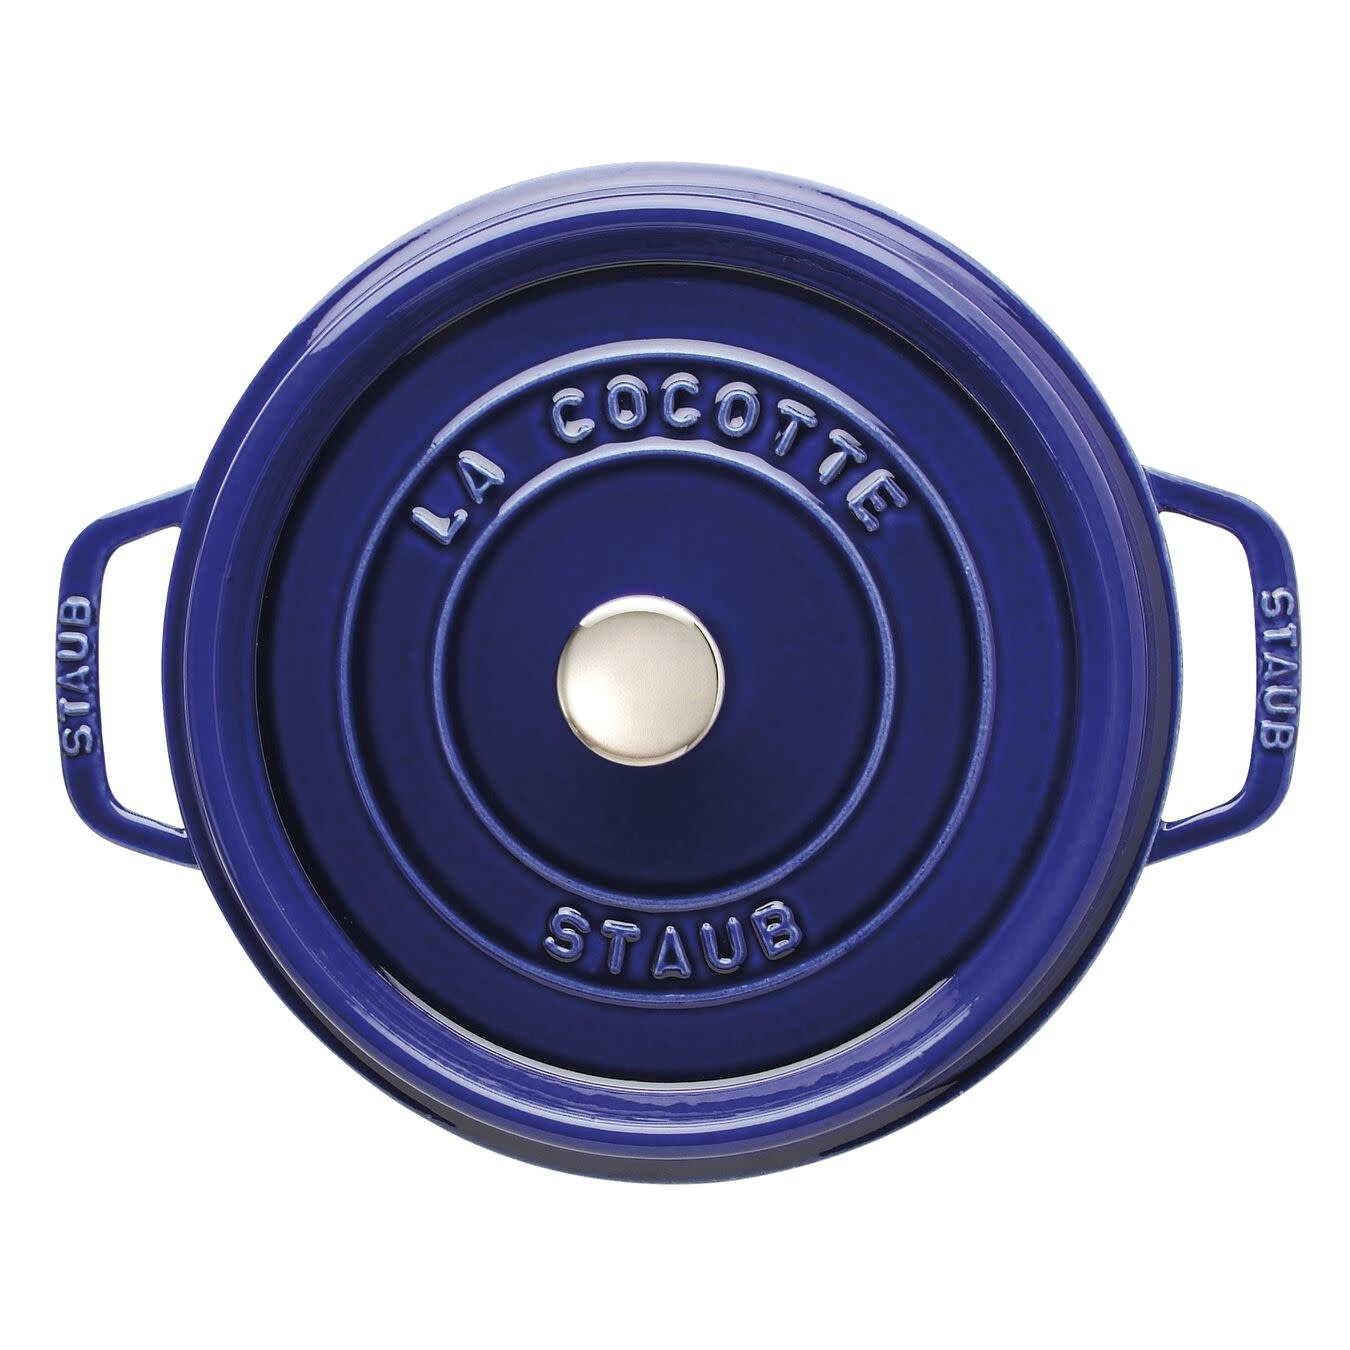 Staub 3.8L / 4qt Cast Iron Round Cocotte - Blue